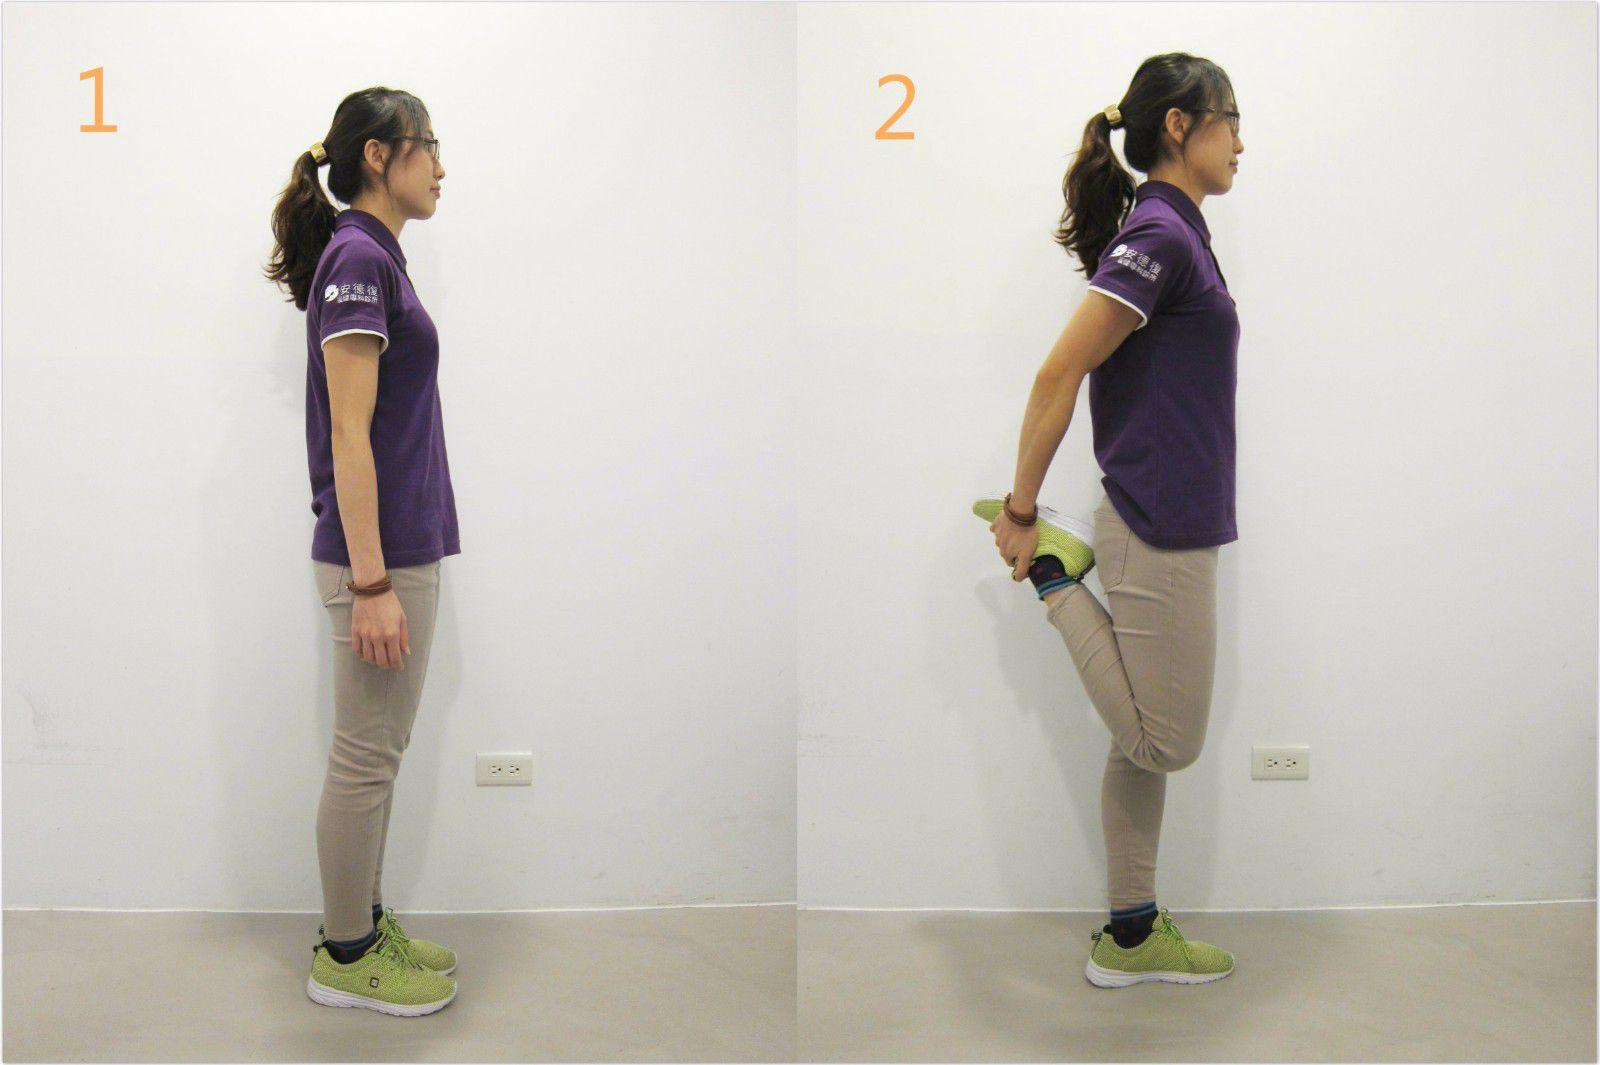 推薦運動1:大腿前側肌群伸展運動